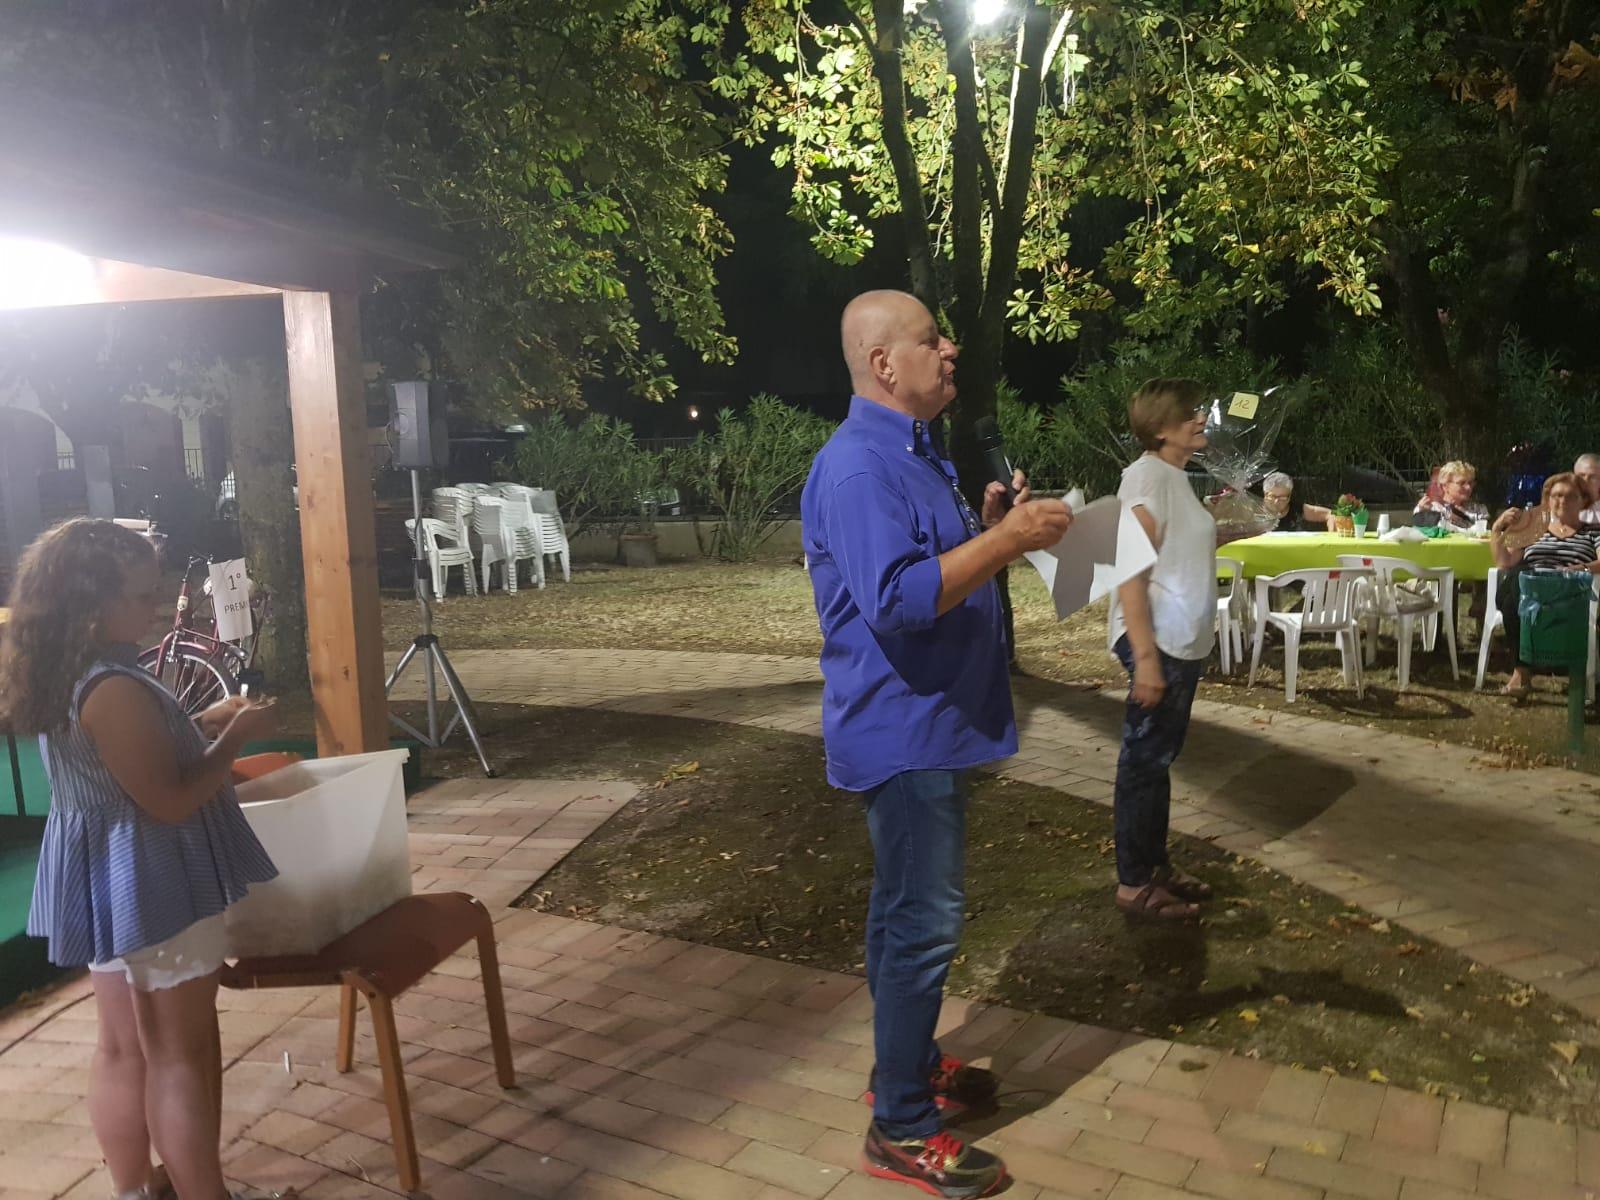 Festa S. Anna 2019 - Cena Lotteria (81)